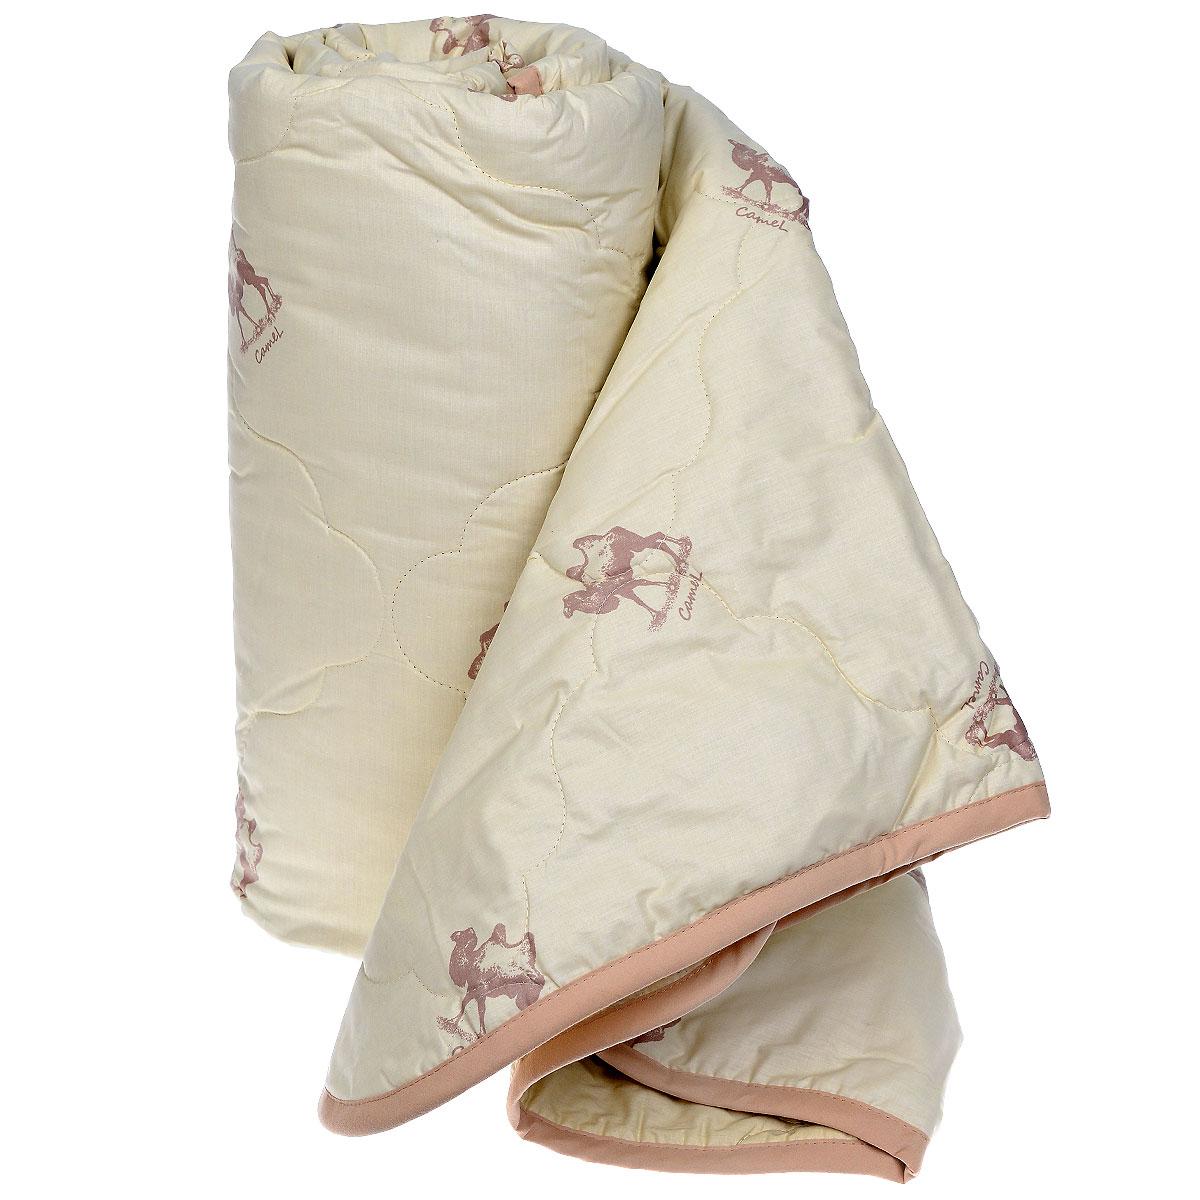 Одеяло Sova & Javoronok, наполнитель: верблюжья шерсть, цвет: бежевый, 140 х 205 смCLP446Чехол одеяла Sova & Javoronok выполнен из высококачественного плотного материала тик (100% хлопок). Наполнитель одеяла изготовлен из верблюжьей шерсти. Стежка надежно удерживает наполнитель внутри и не позволяет ему скатываться. Особенности наполнителя:- исключительные терморегулирующие свойства;- высокое качество прочеса и промывки шерсти;- великолепные ощущения комфорта и уюта. Верблюжья шерсть обладает целебными качествами, содержит наиболее высокий процент ланолина (животного воска), который является природным антисептиком и благоприятно воздействует на организм по целому ряду показателей: оказывает благотворное действие на мышцы, суставы, позвоночник, нормализует кровообращение, имеет профилактический эффект при заболевания опорно-двигательного аппарата. Кроме того, верблюжья шерсть антистатична. Шерсть верблюда сохраняет прохладу в период жаркого лета и удерживает тепло во время суровой зимы. Одеяло упакована в прозрачный пластиковый чехол на змейке с ручкой, что является чрезвычайно удобным при переноске.Рекомендации по уходу:- Стирка запрещена,- Нельзя отбеливать. При стирке не использовать средства, содержащие отбеливатели (хлор),- Не гладить. Не применять обработку паром,- Химчистка с использованием углеводорода, хлорного этилена,- Нельзя выжимать и сушить в стиральной машине. Размер одеяла: 140 см х 205 см. Материал чехла: тик (100% хлопок). Наполнитель: 30% верблюжья шерсть, 70% полиэфирное волокно.